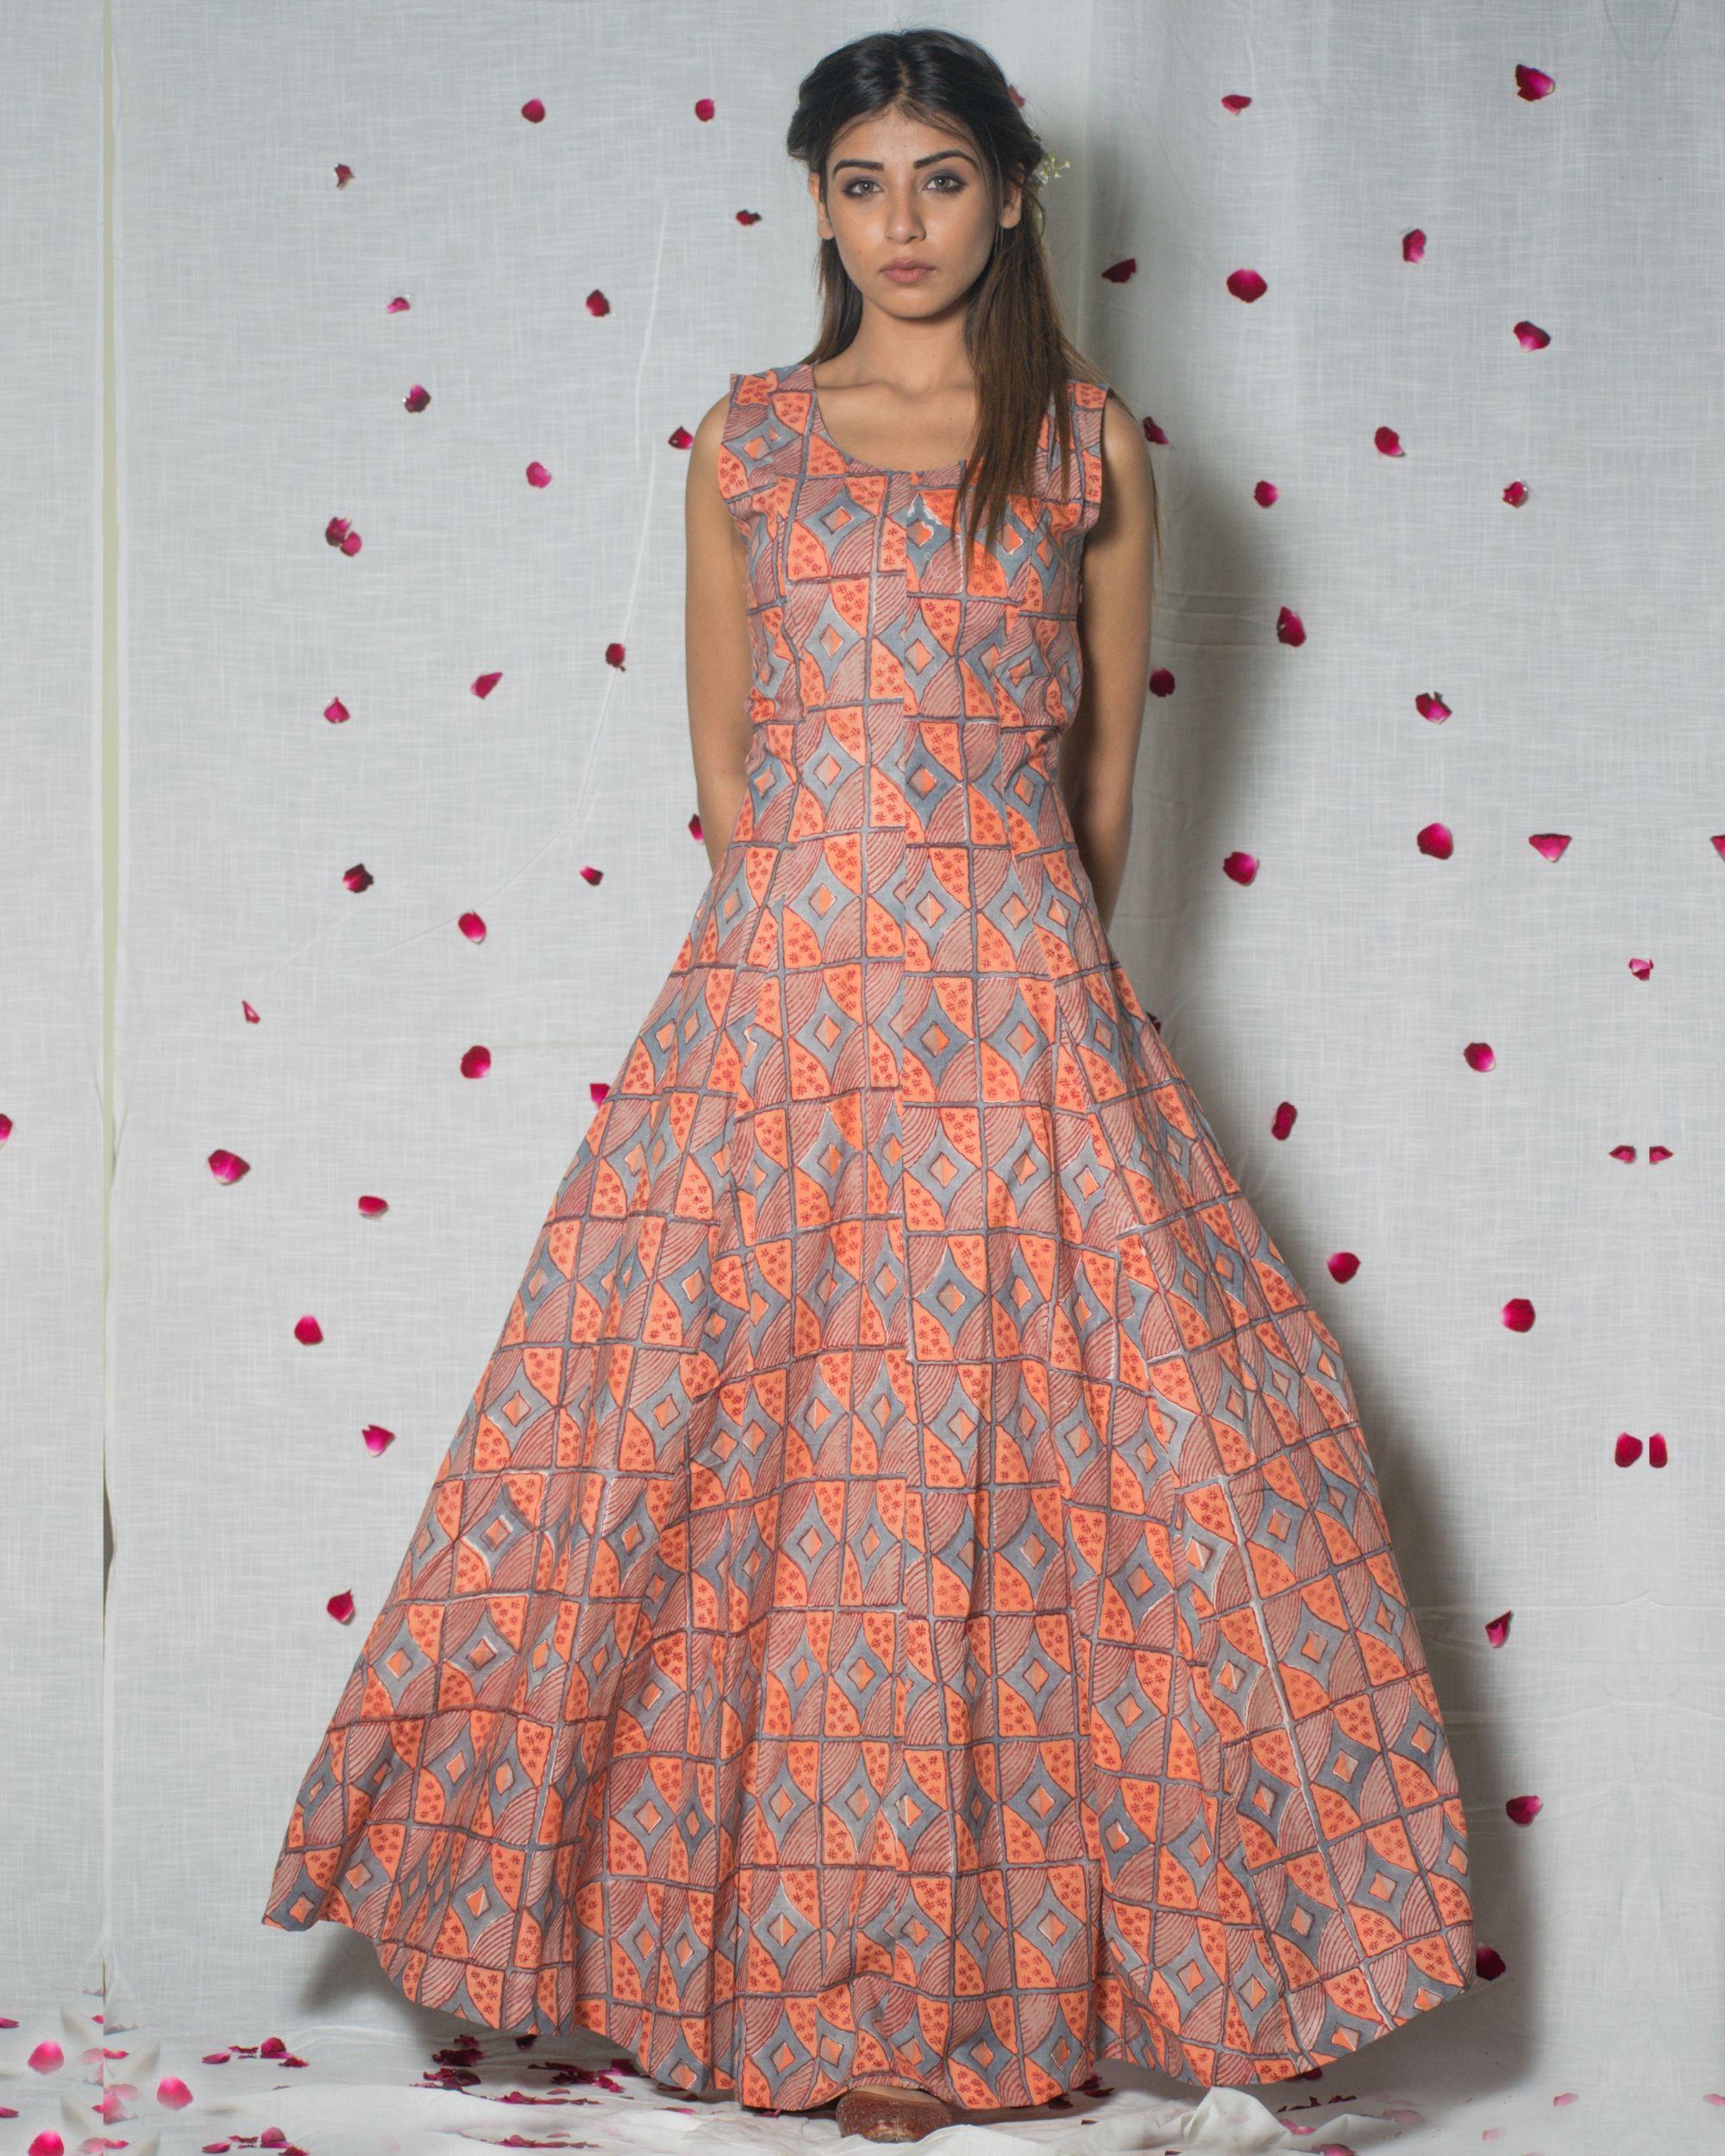 Printed peach maxi dress